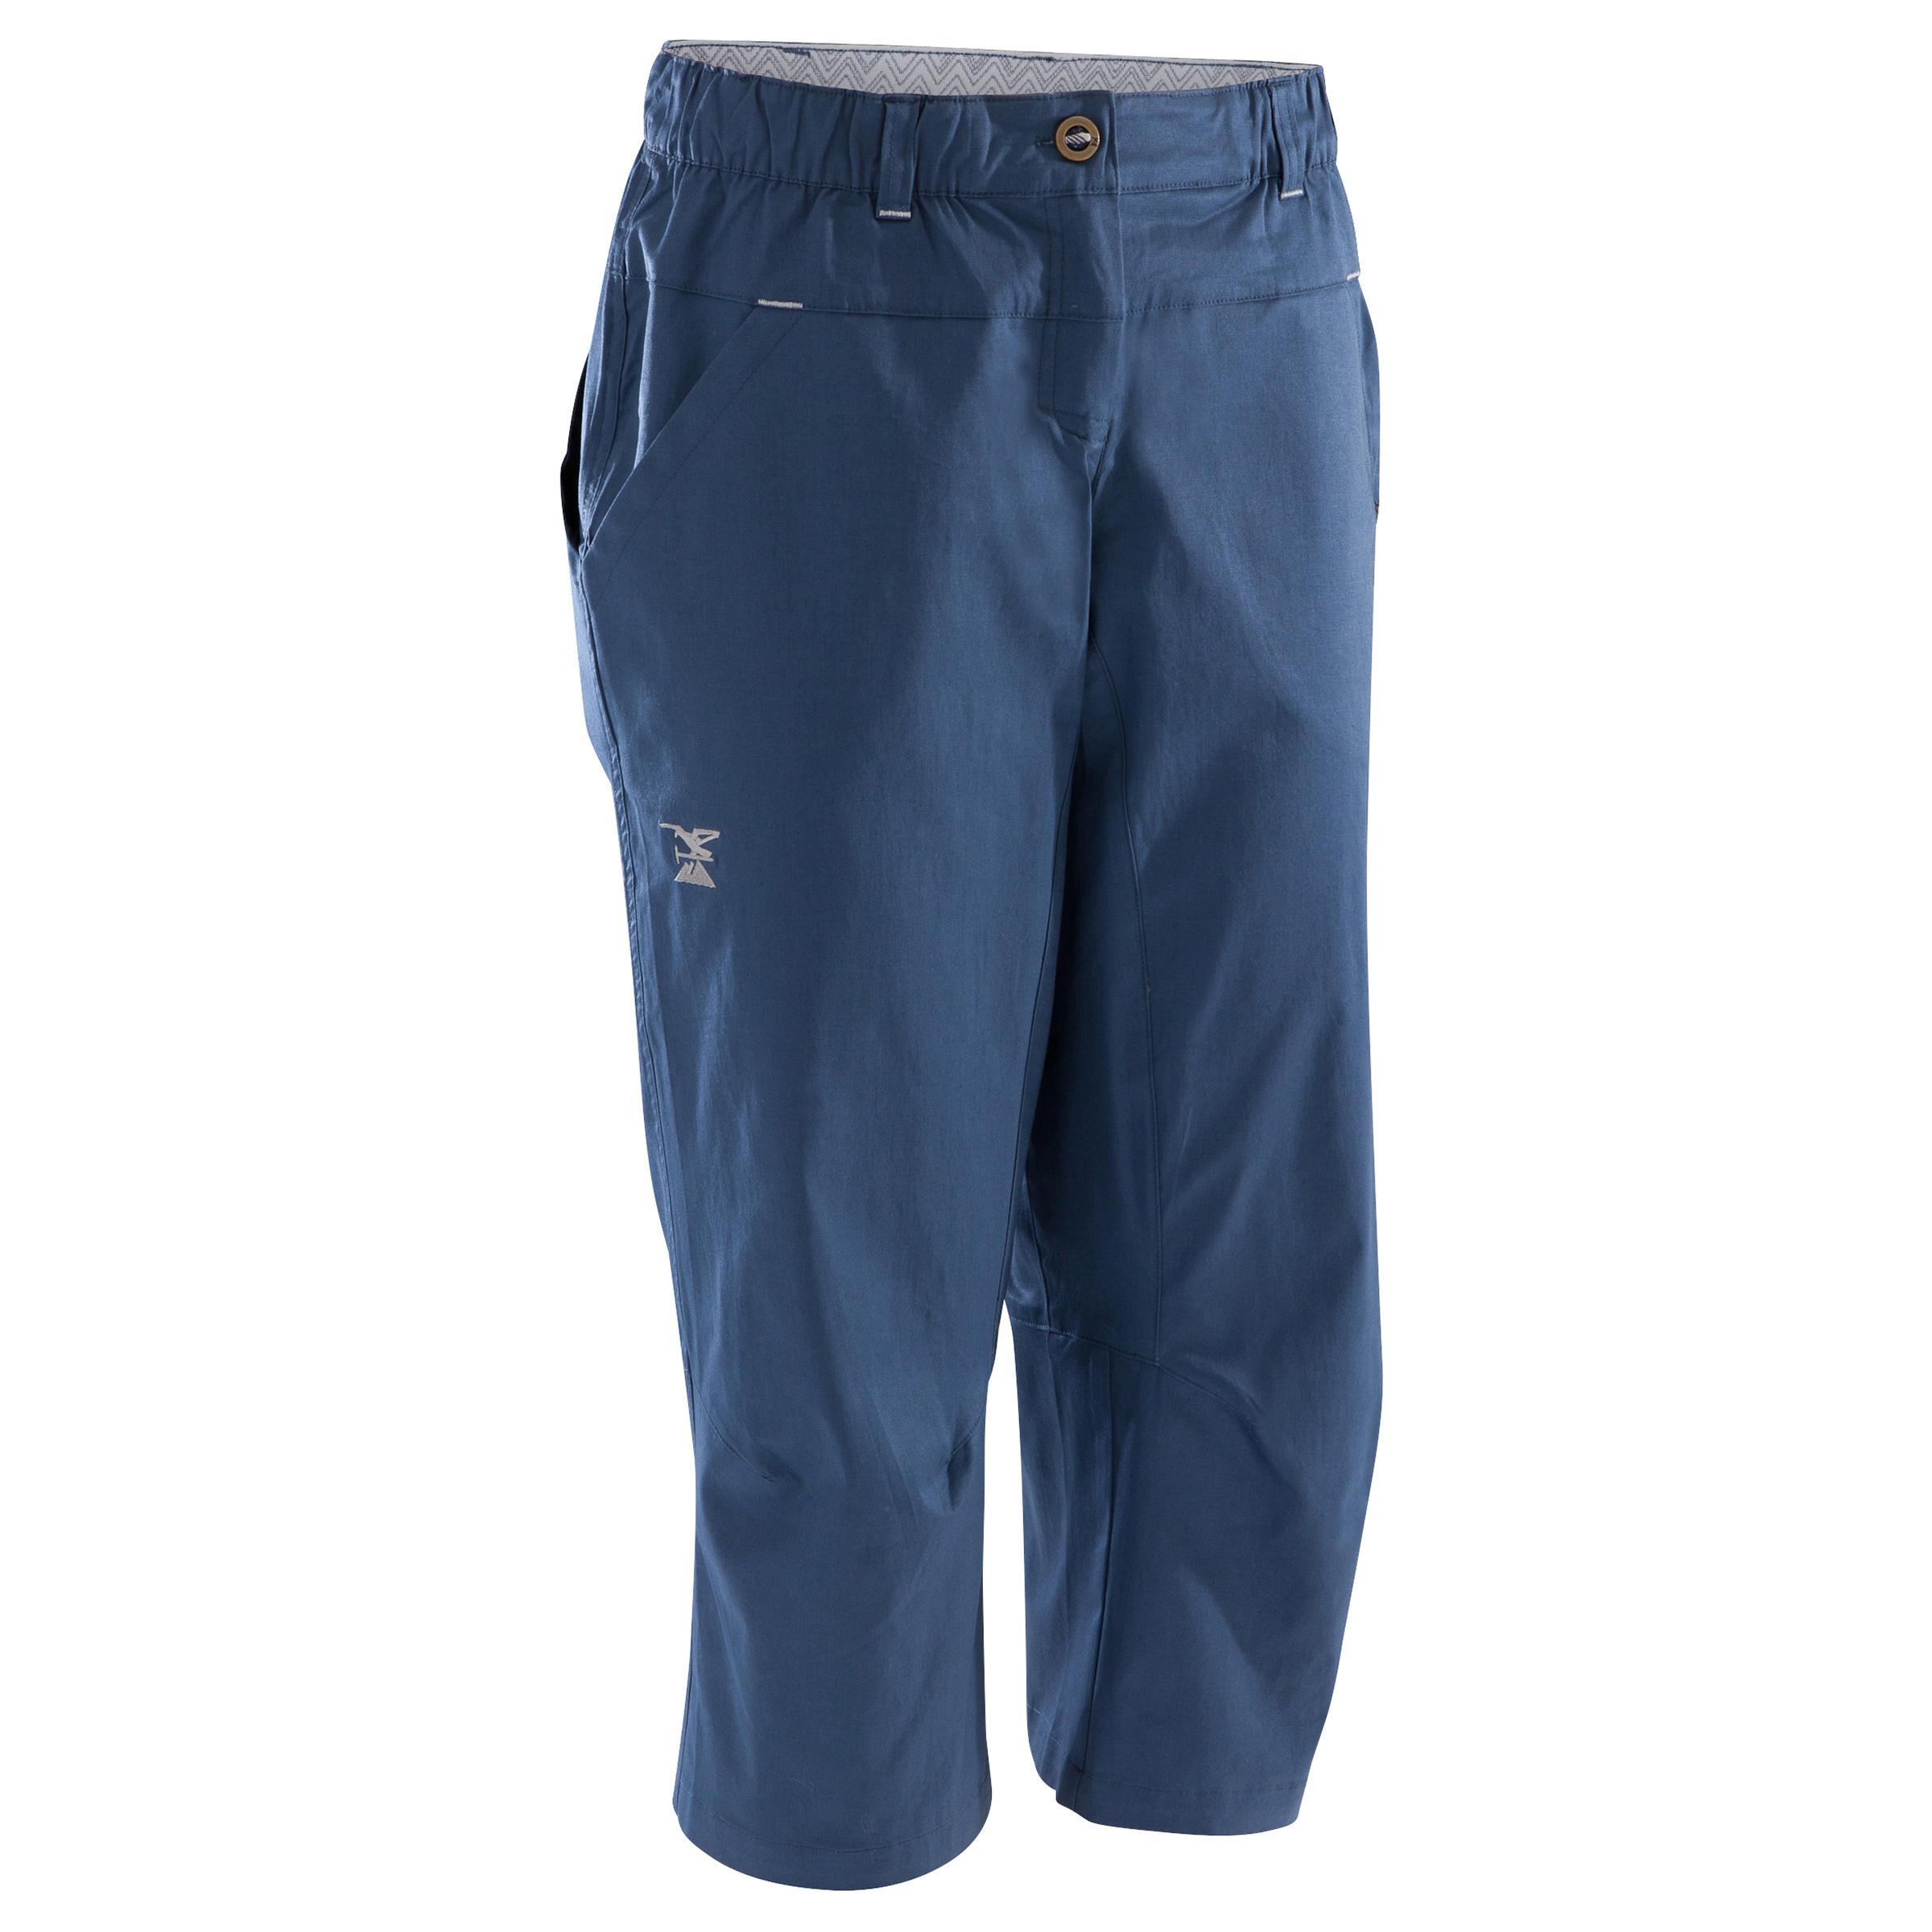 Pantalon Escaladă Damă